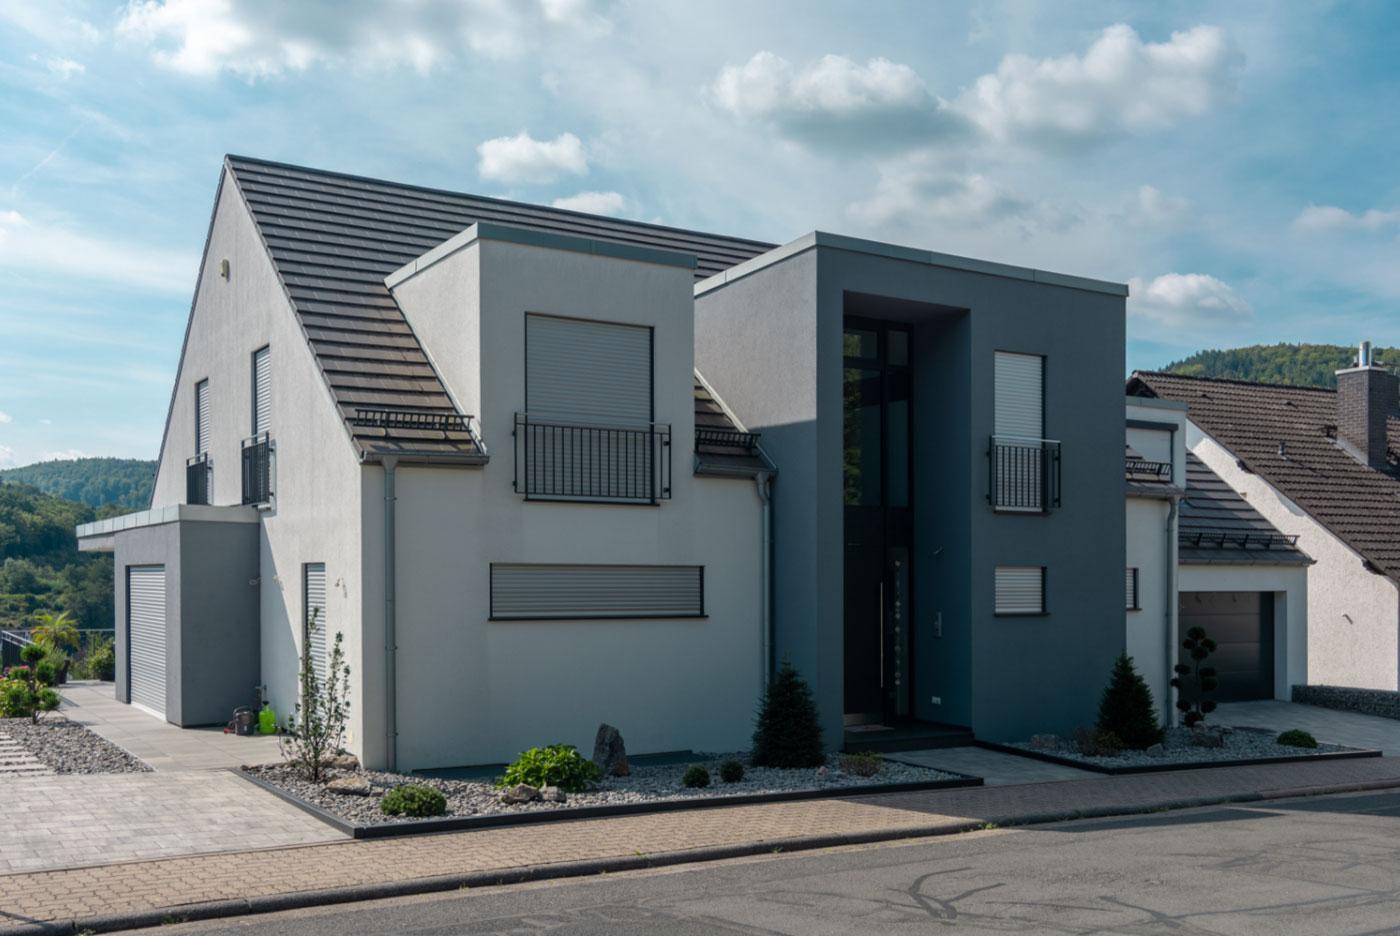 Einfamilienhaus, Satteldach, Modern, bauen, planen, bau